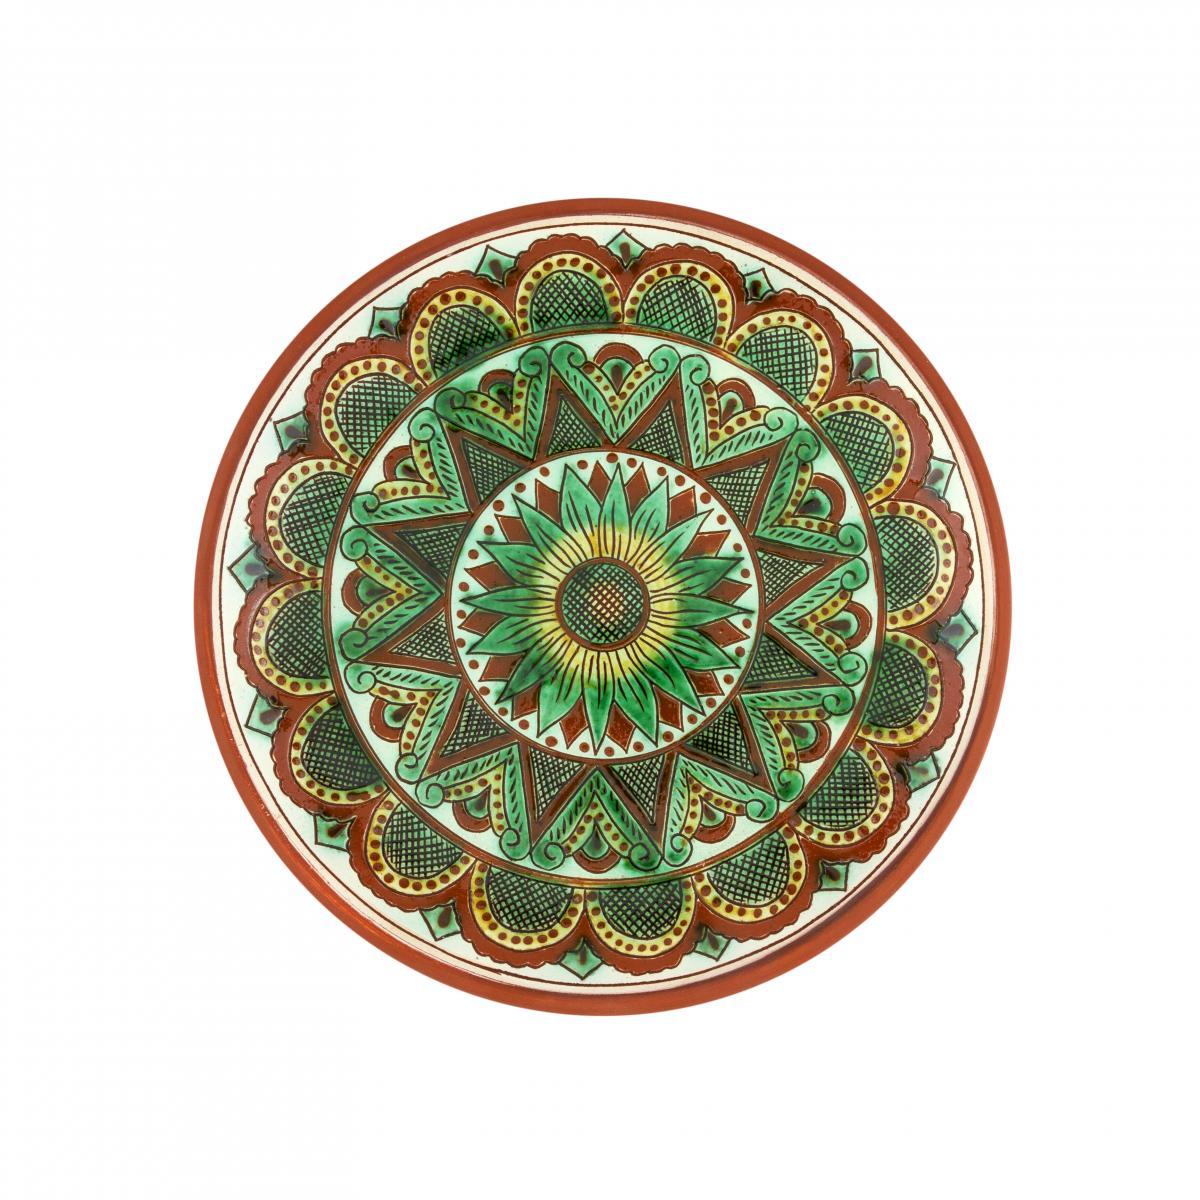 Круглая тарелка для основных блюд, 25 см. Фото №1. | Народный дом Украина